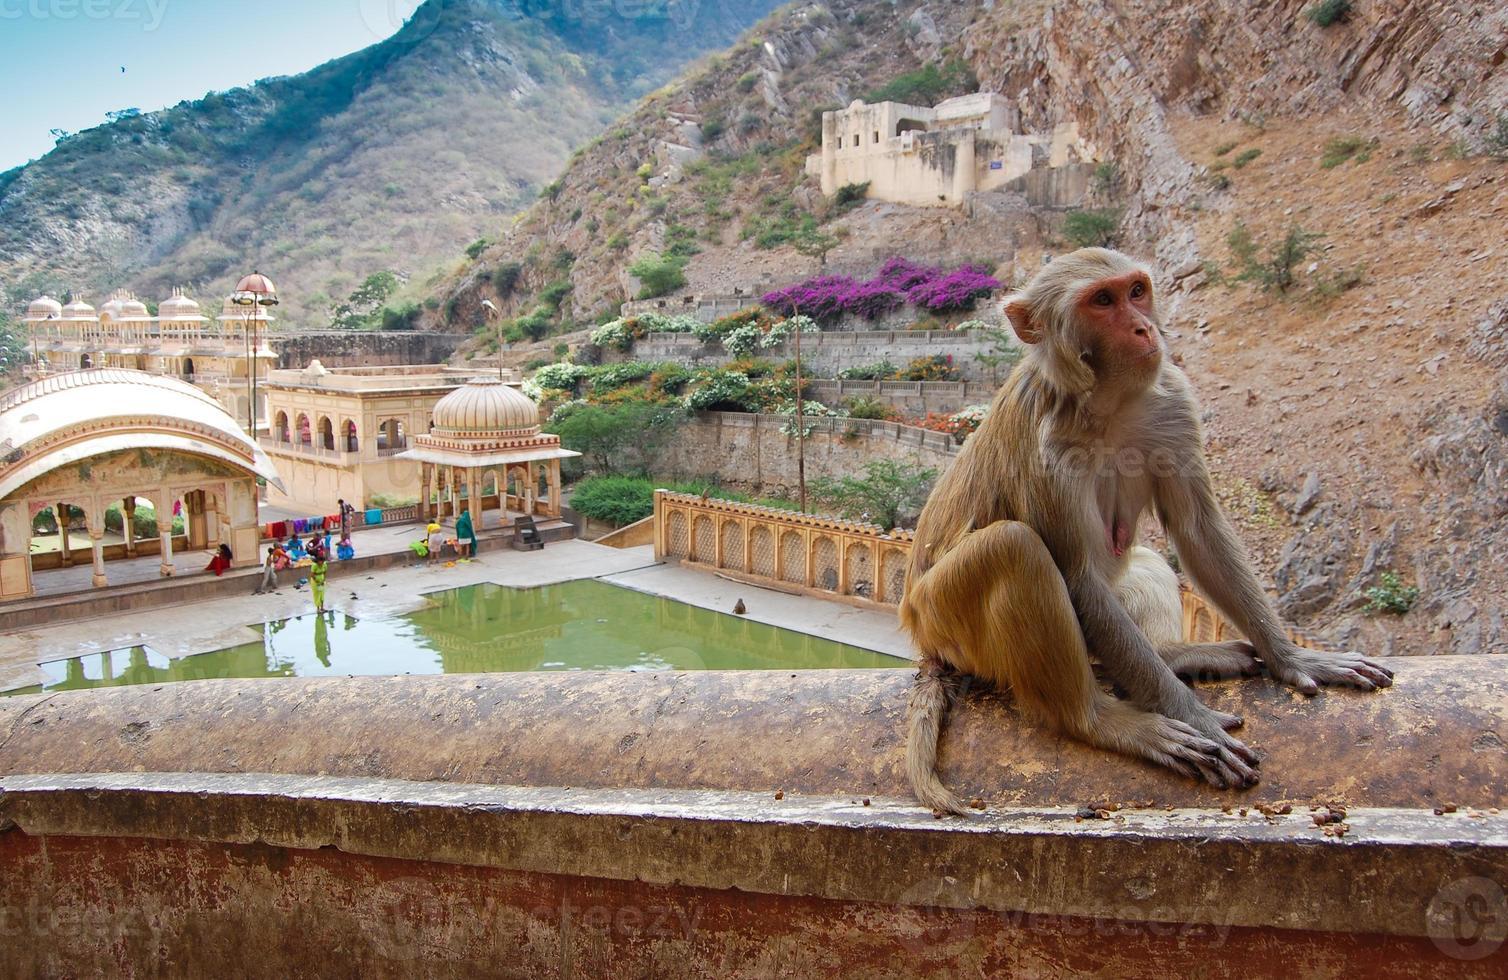 Templo de los monos cerca de Jaipur, India. foto